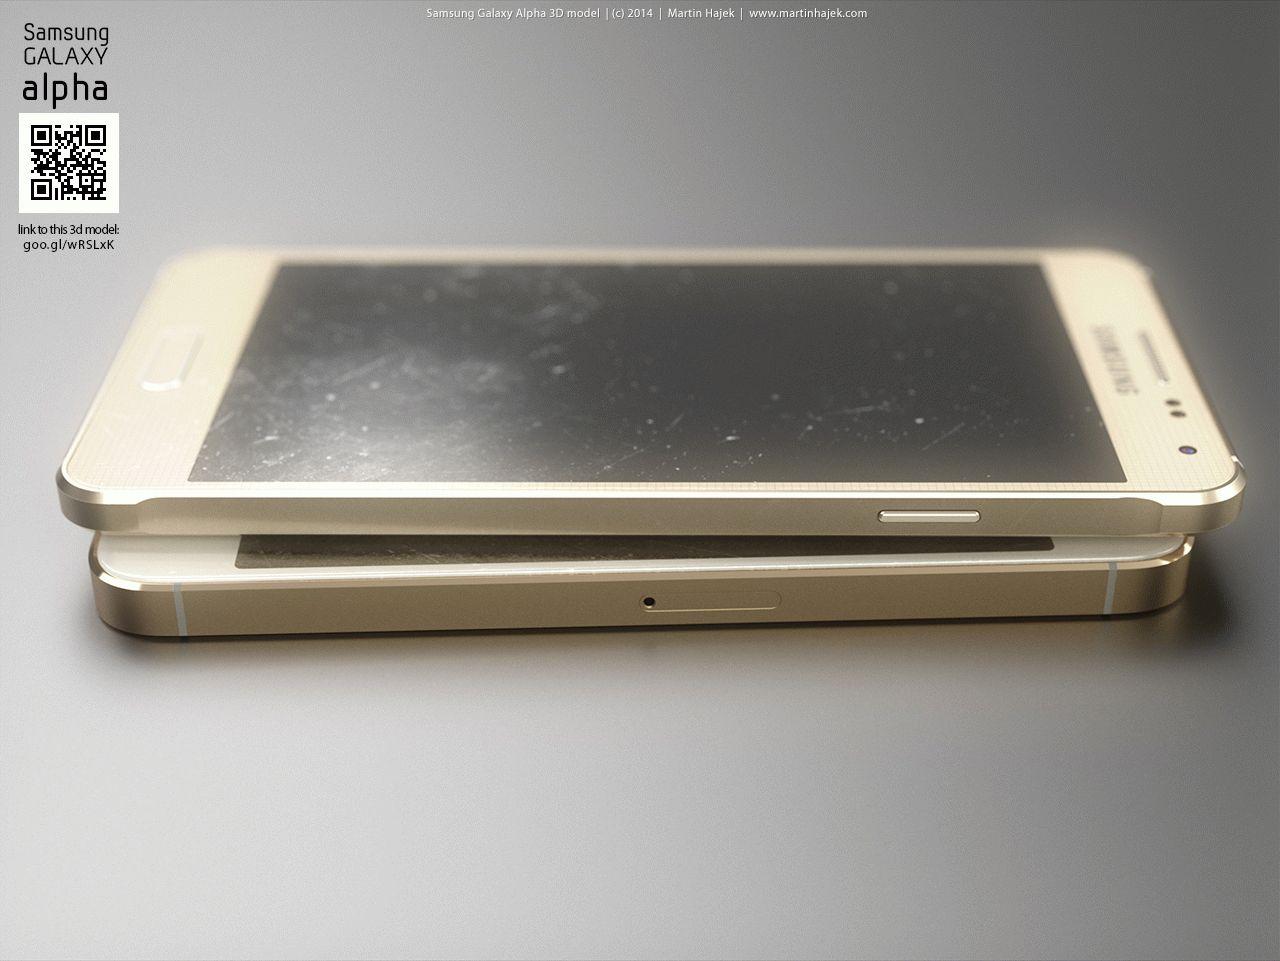 kak-daleko-samsung-zashla-v-kopirovanii-apple-galaxy-alpha-protiv-iphone-------